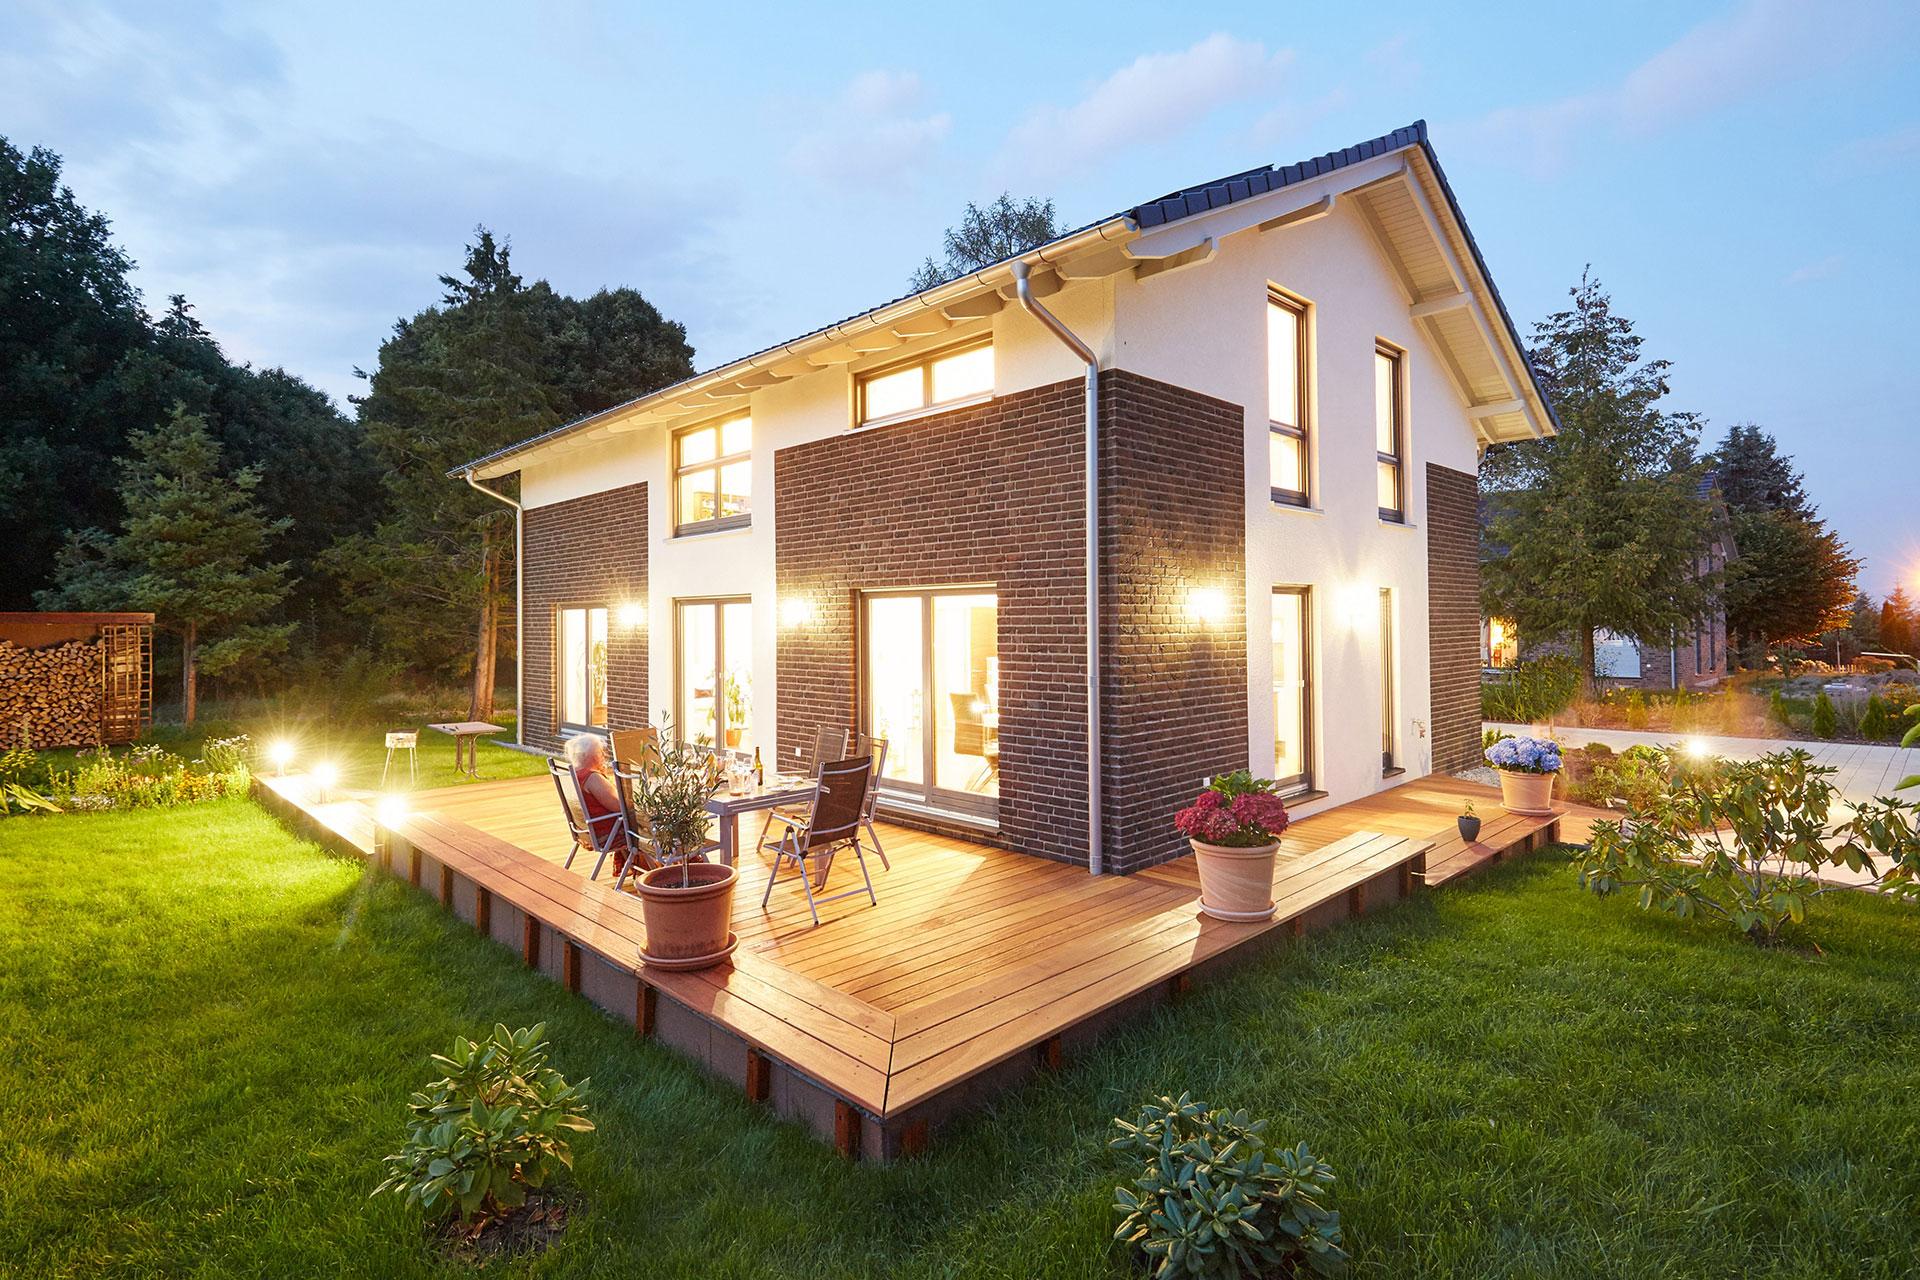 musterhaus melanie dresden ein fertighaus von gussek haus. Black Bedroom Furniture Sets. Home Design Ideas